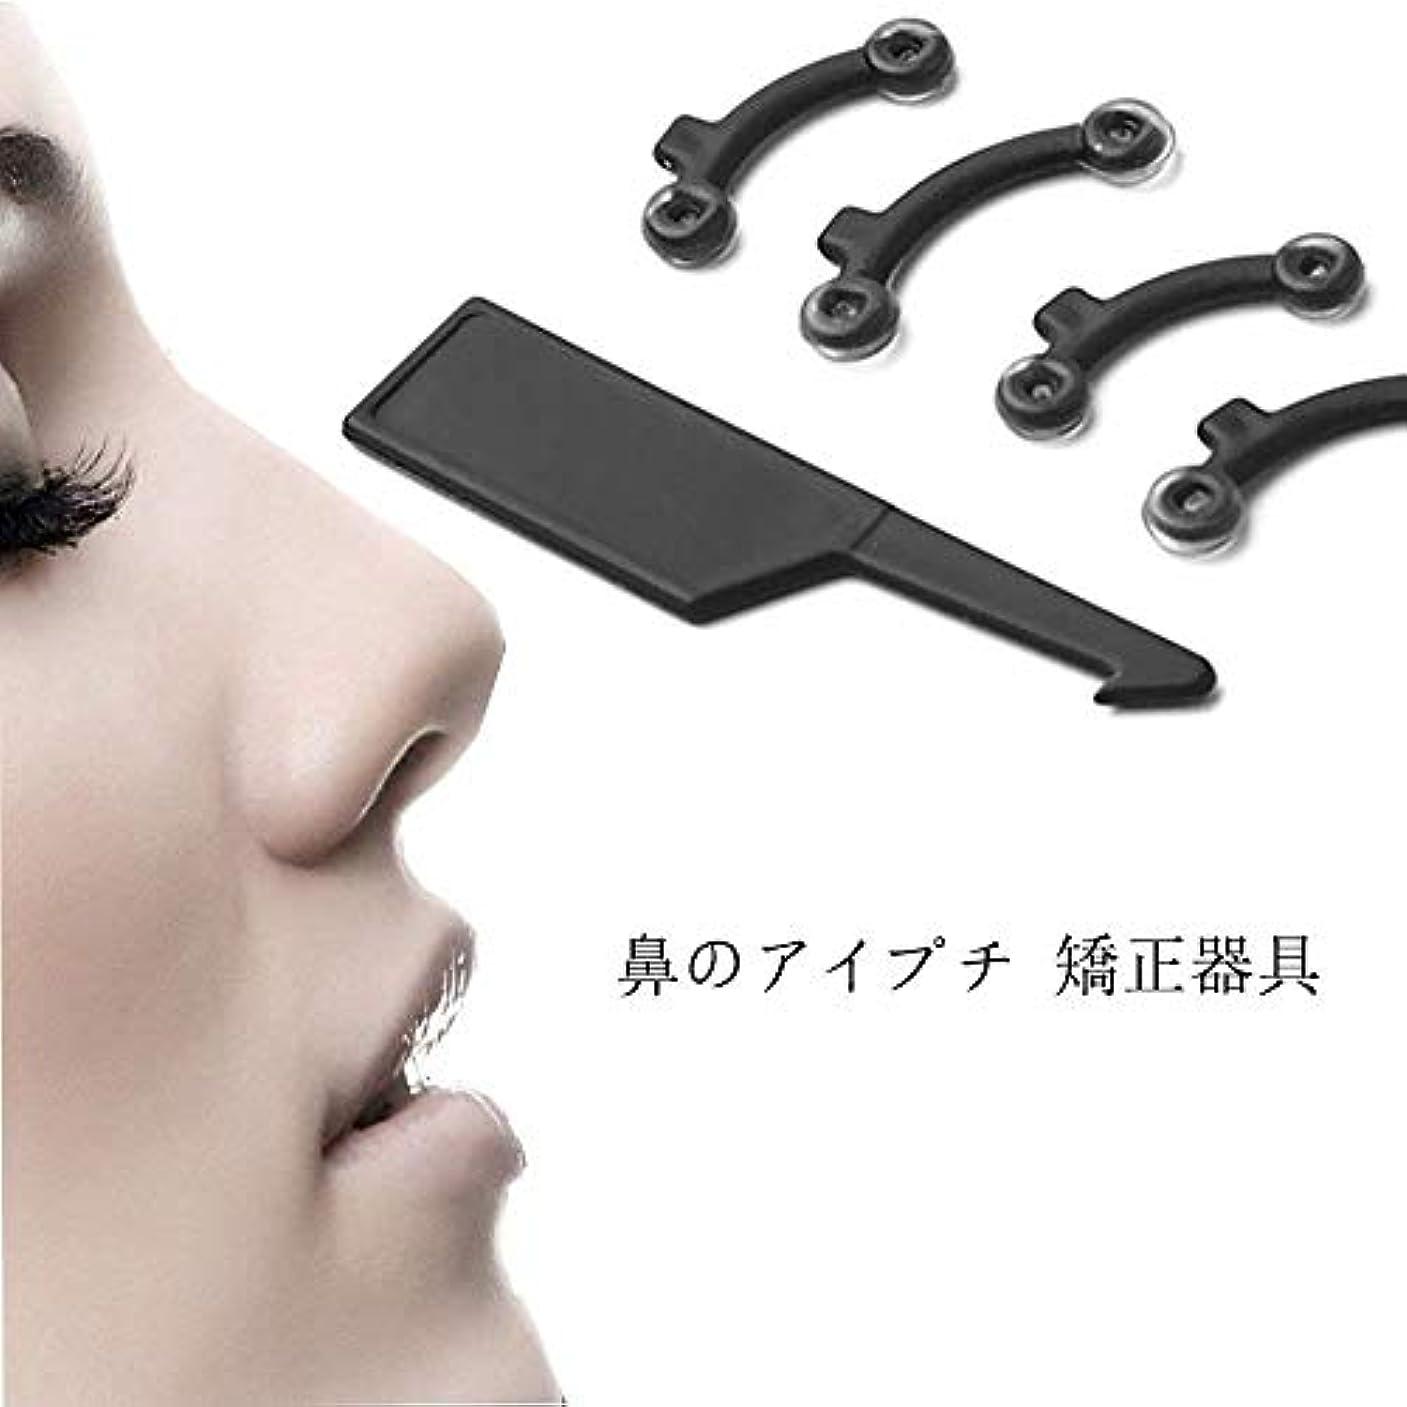 トランスミッション辞書デッドロックTyou 鼻プチ 鼻パッド 柔軟性高く 痛くない 医療用シリコン使用 鼻のアイプチ 矯正プチ 整形せず